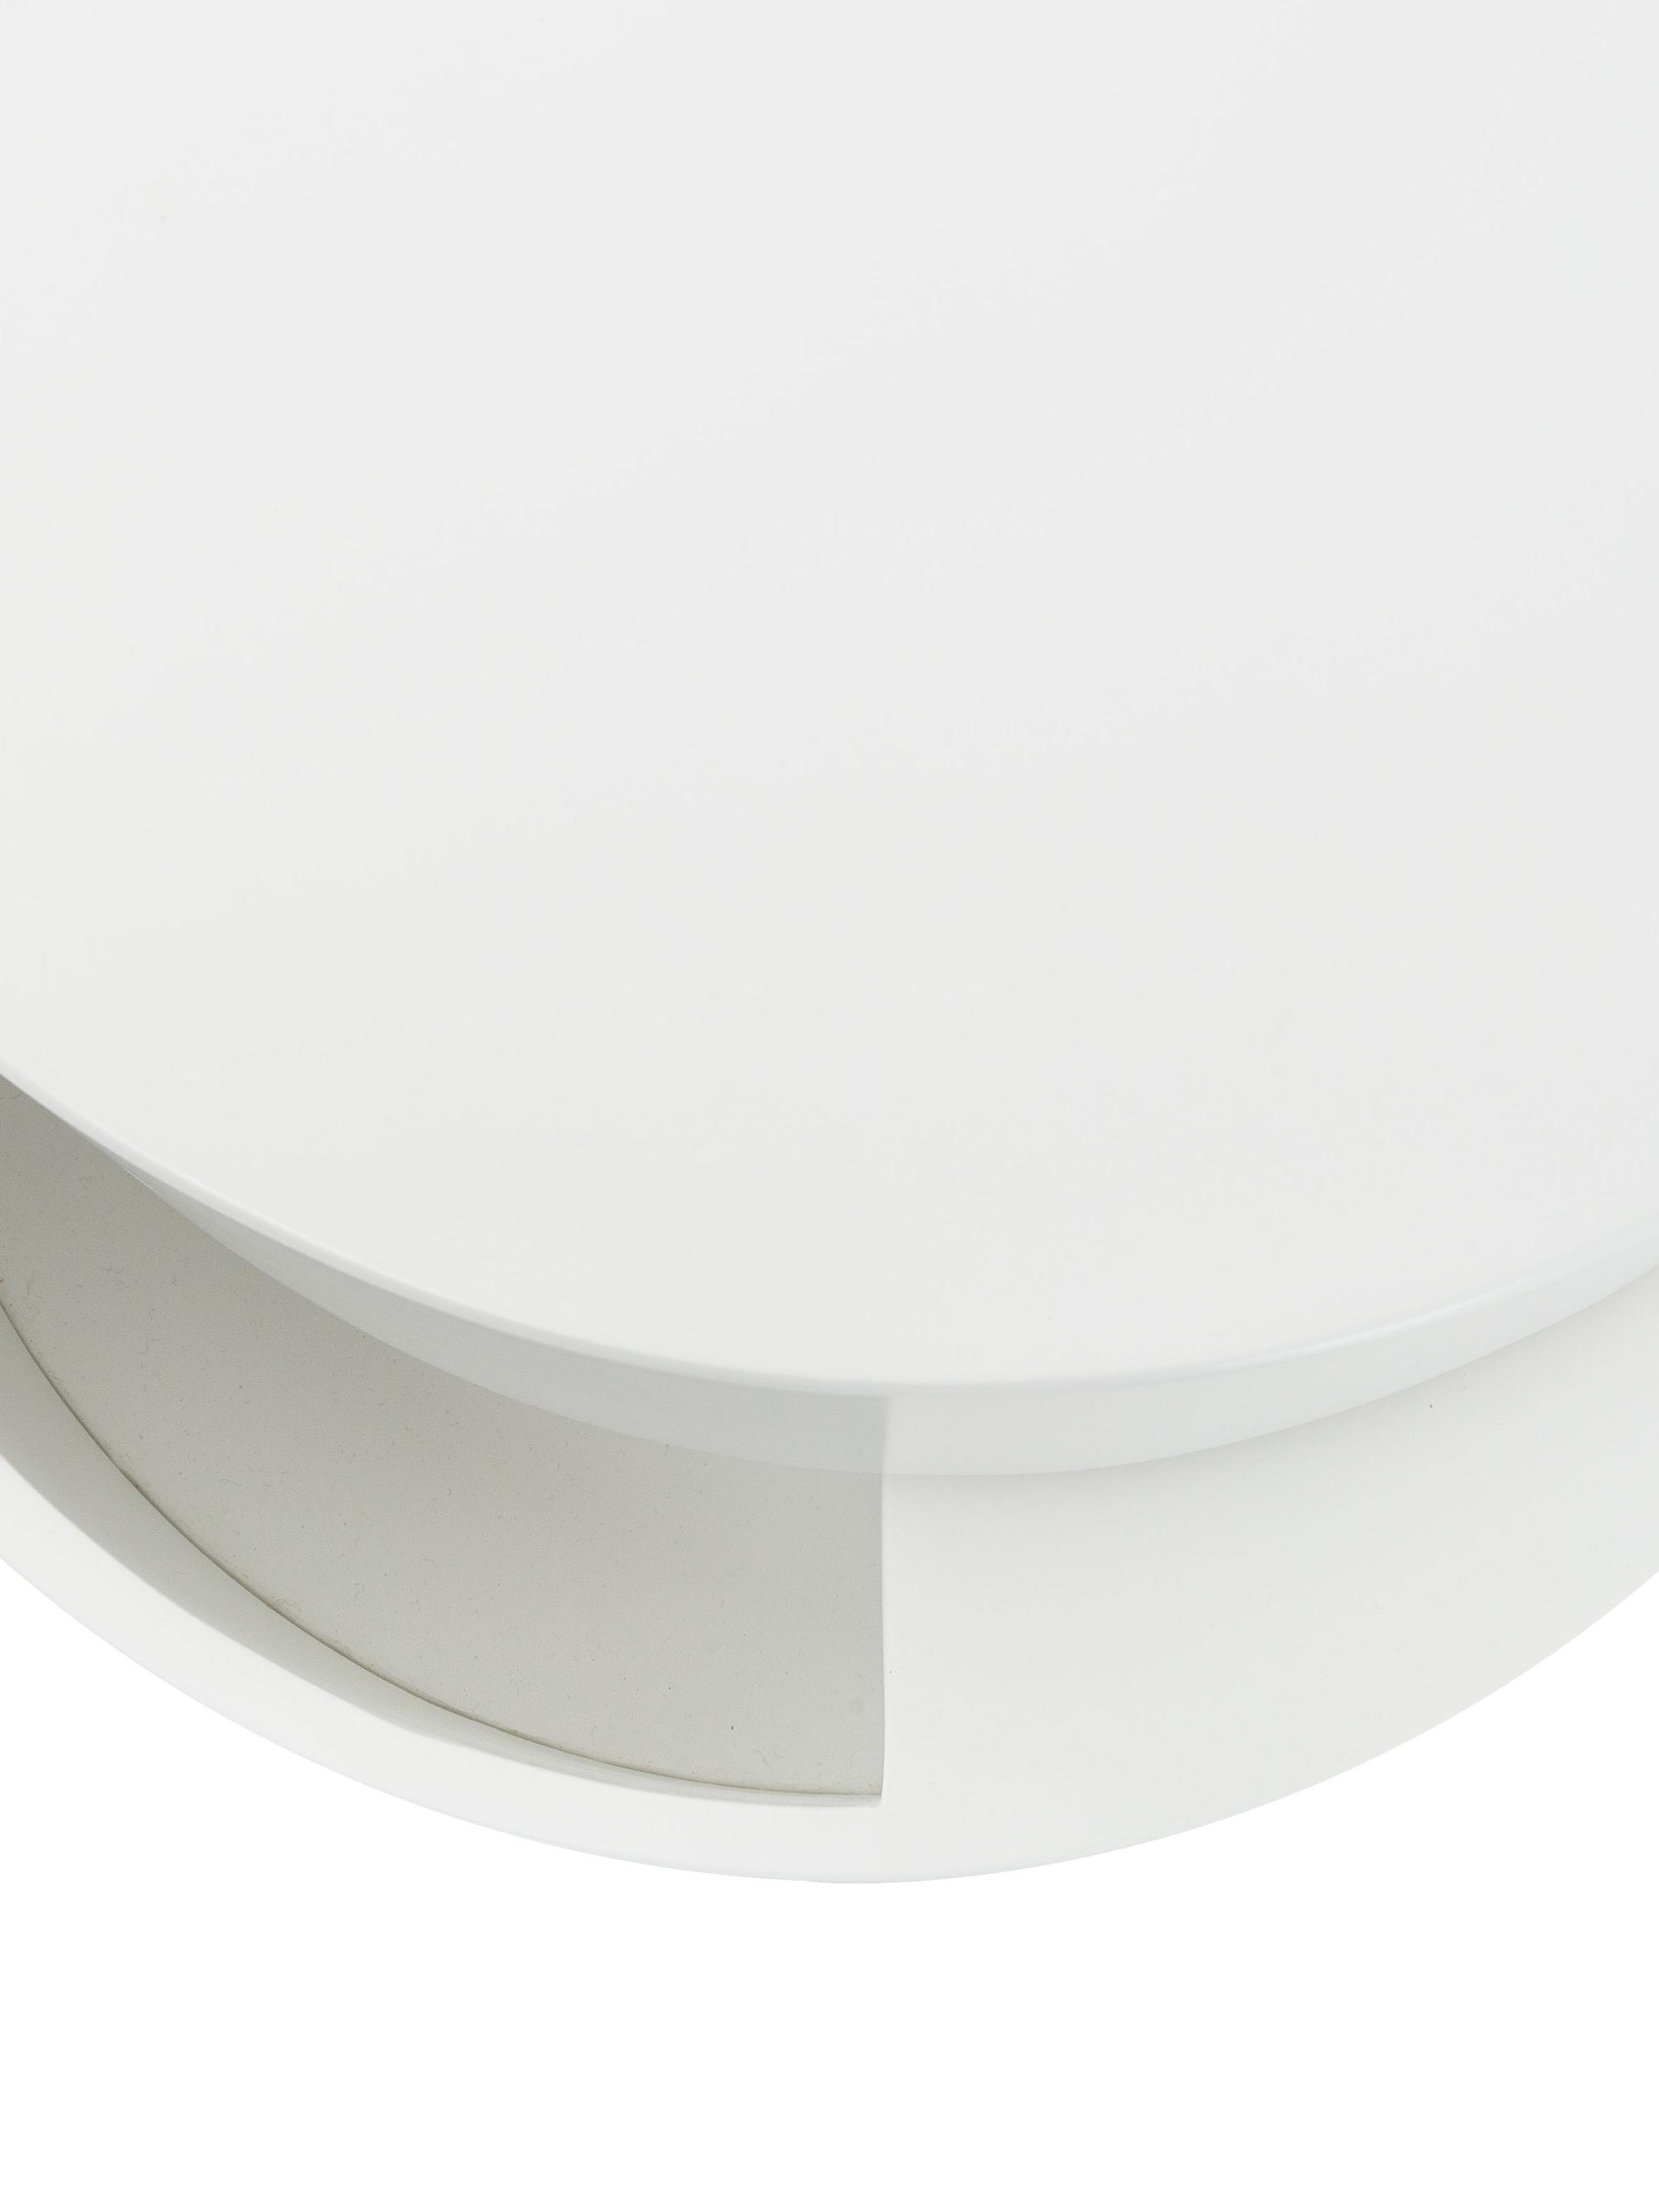 Beistelltisch Loka mit beweglichen Fächern, Mitteldichte Holzfaserplatte, lackiert, Weiß, Ø 40 x H 51 cm